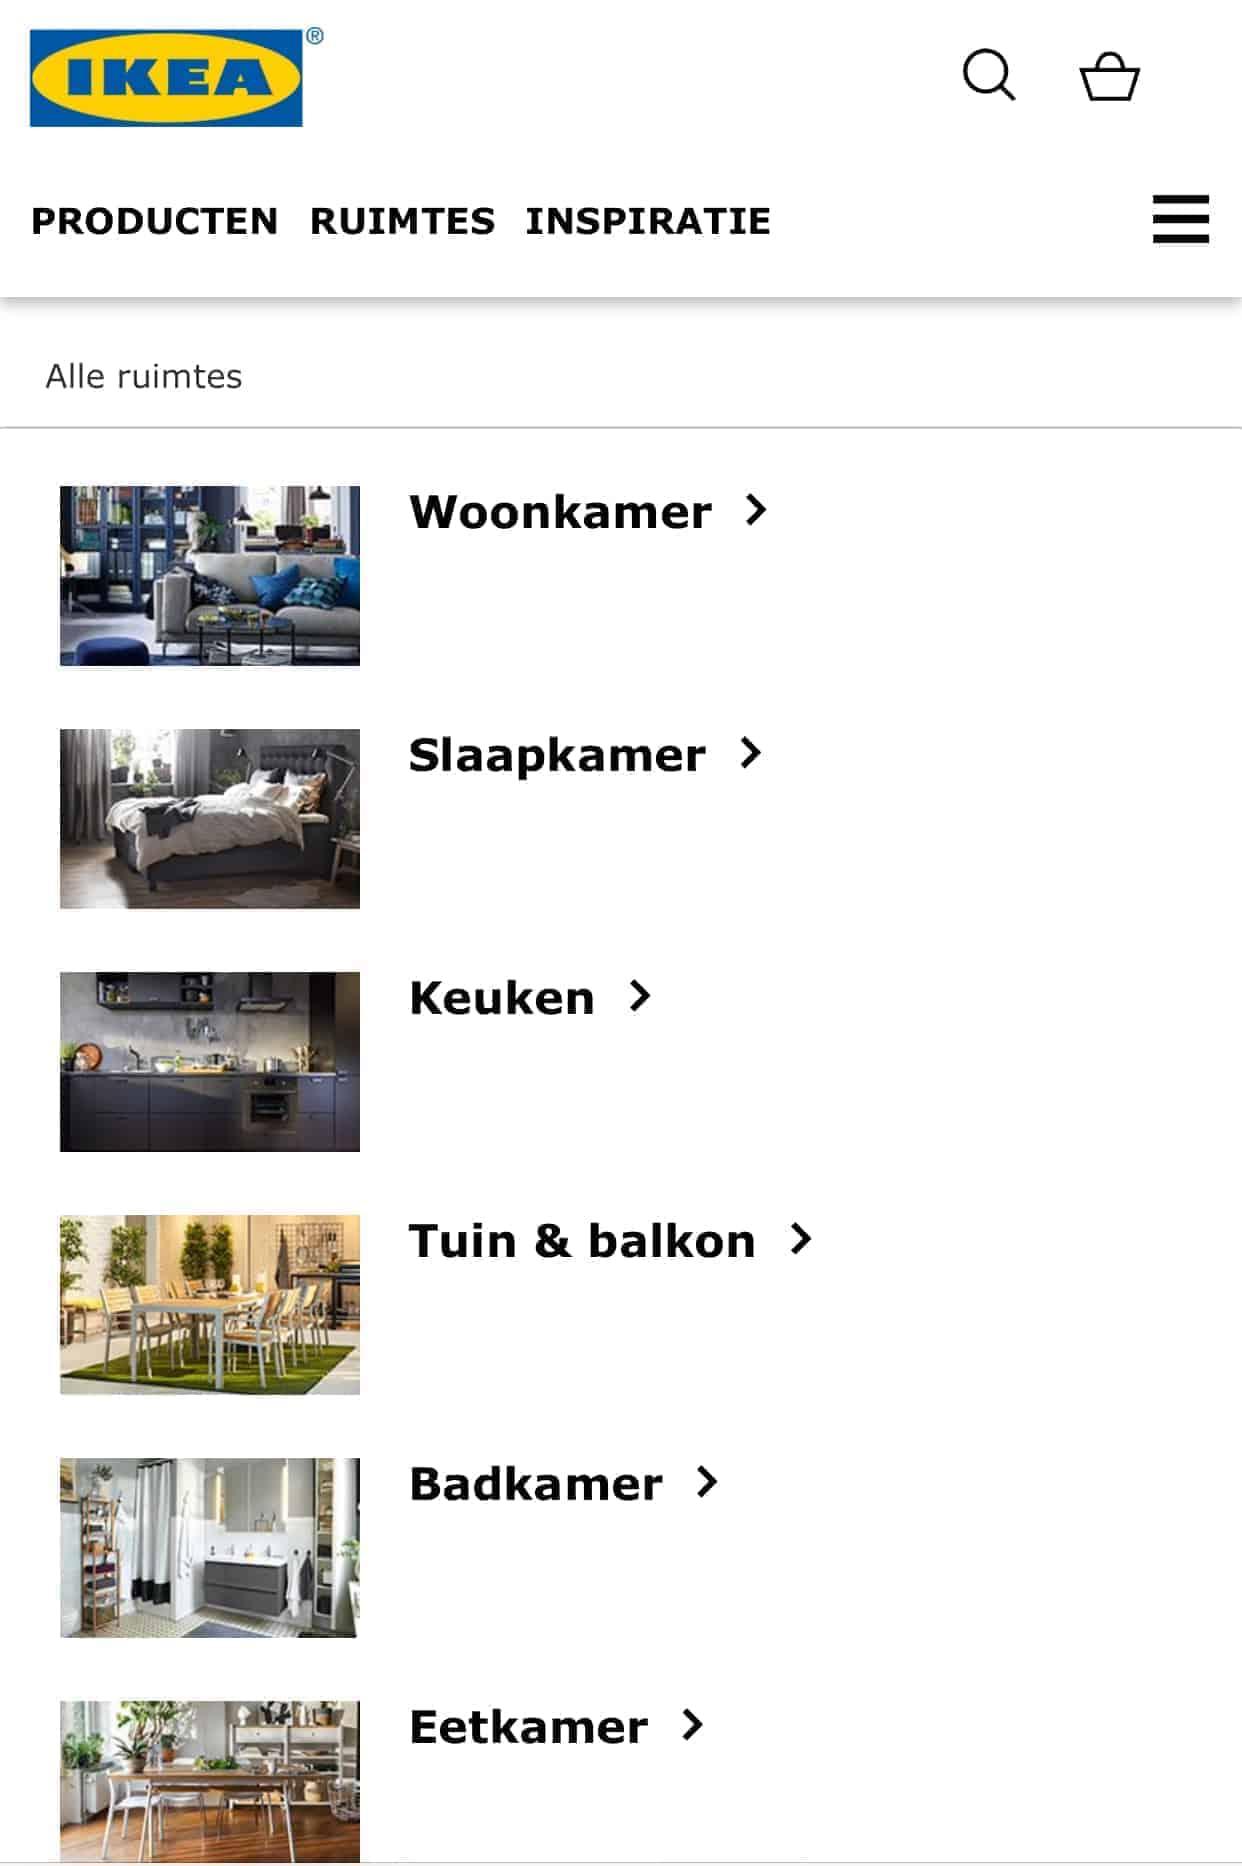 IKEA maakt gebruik van een apart mobiel domein voor de mobiele versie van de website